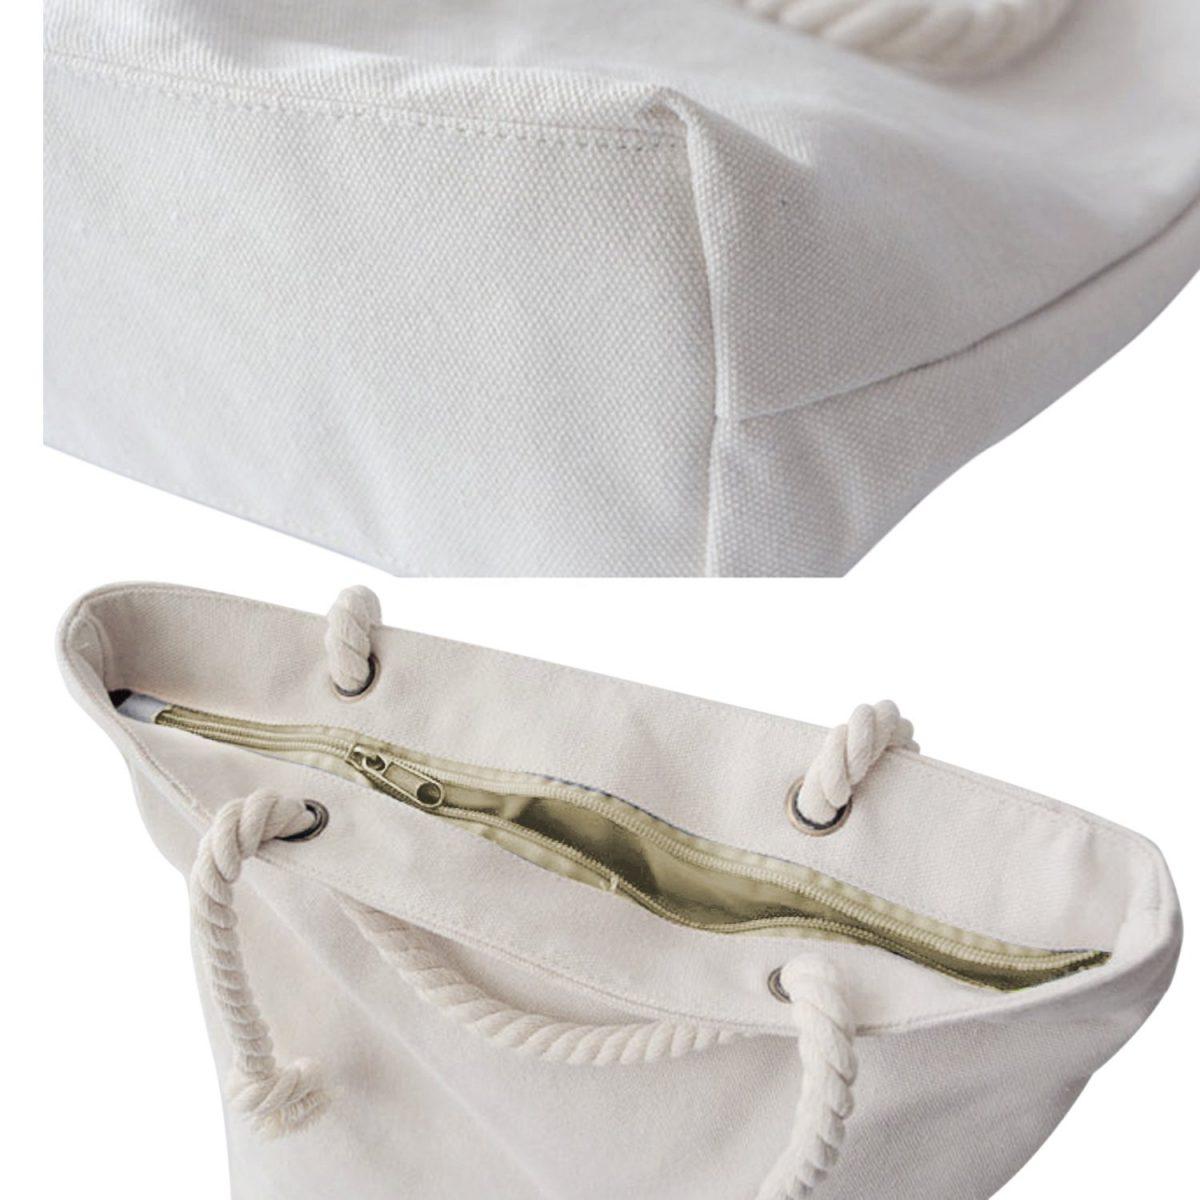 Altın Yaldız Çizgili Mermer Desenli Fermuarlı Modern Kumaş Çanta Realhomes